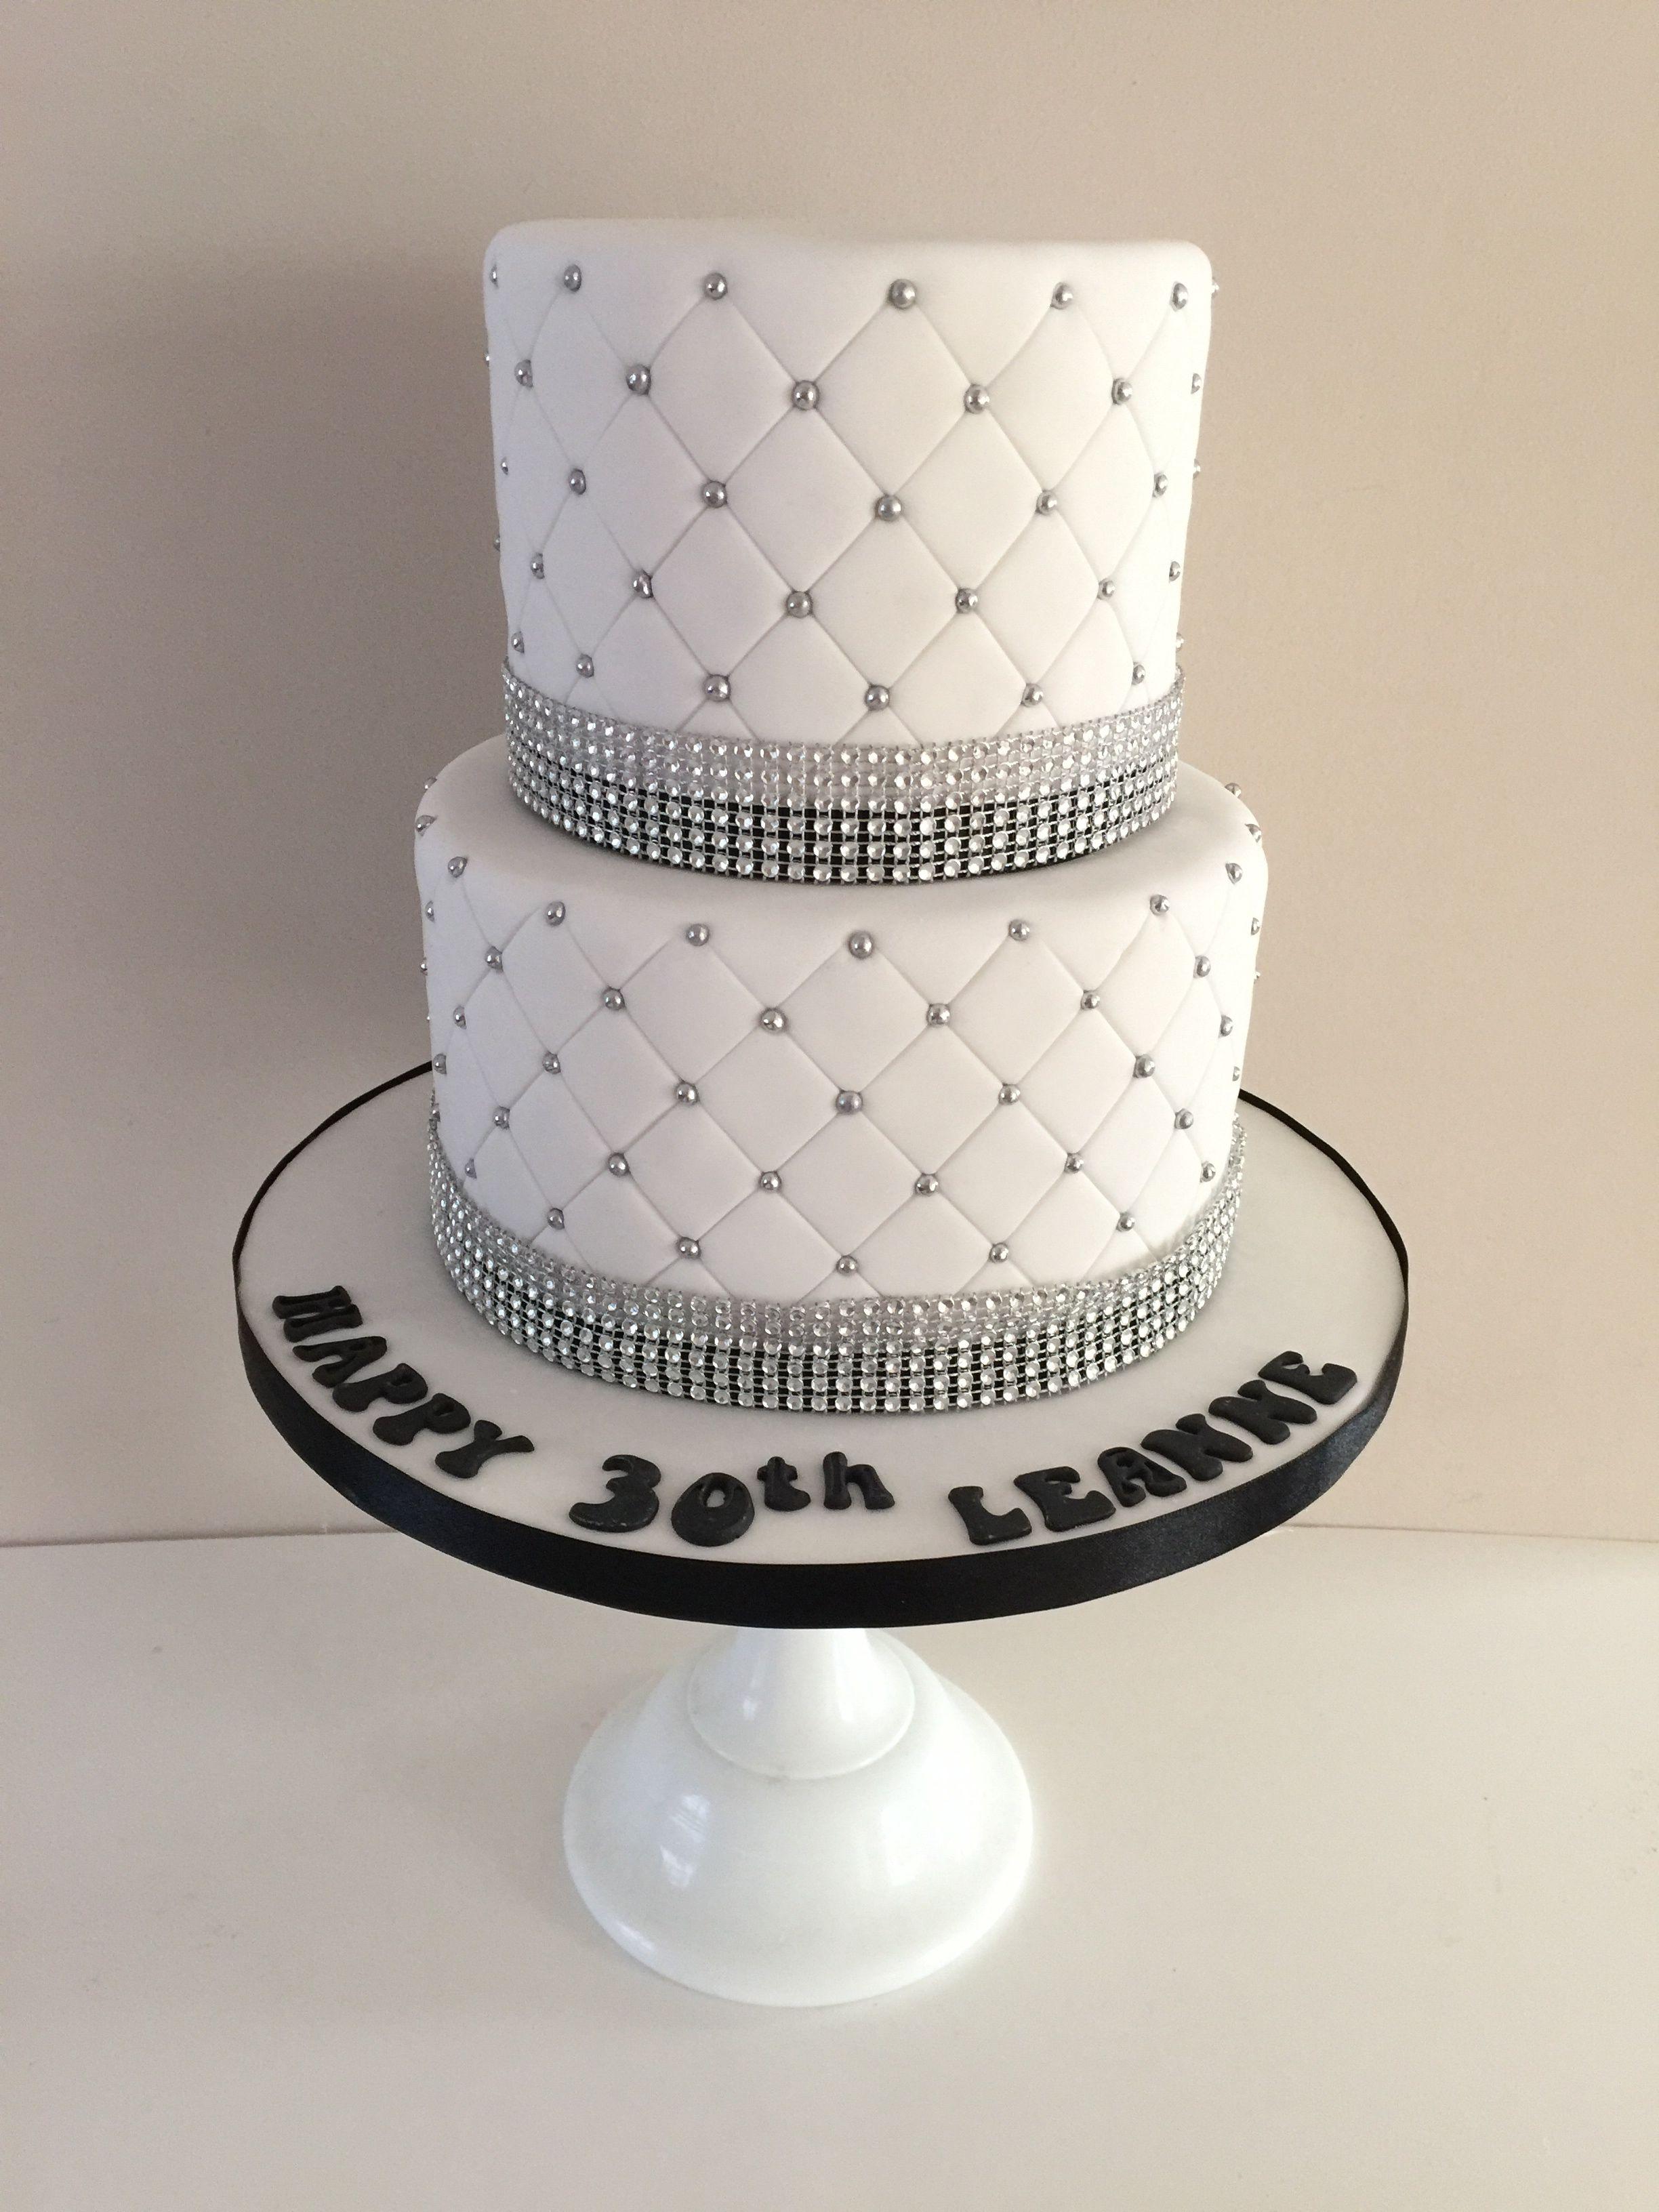 2 tier birthday cake 2 tier birthday cakes tiered cakes